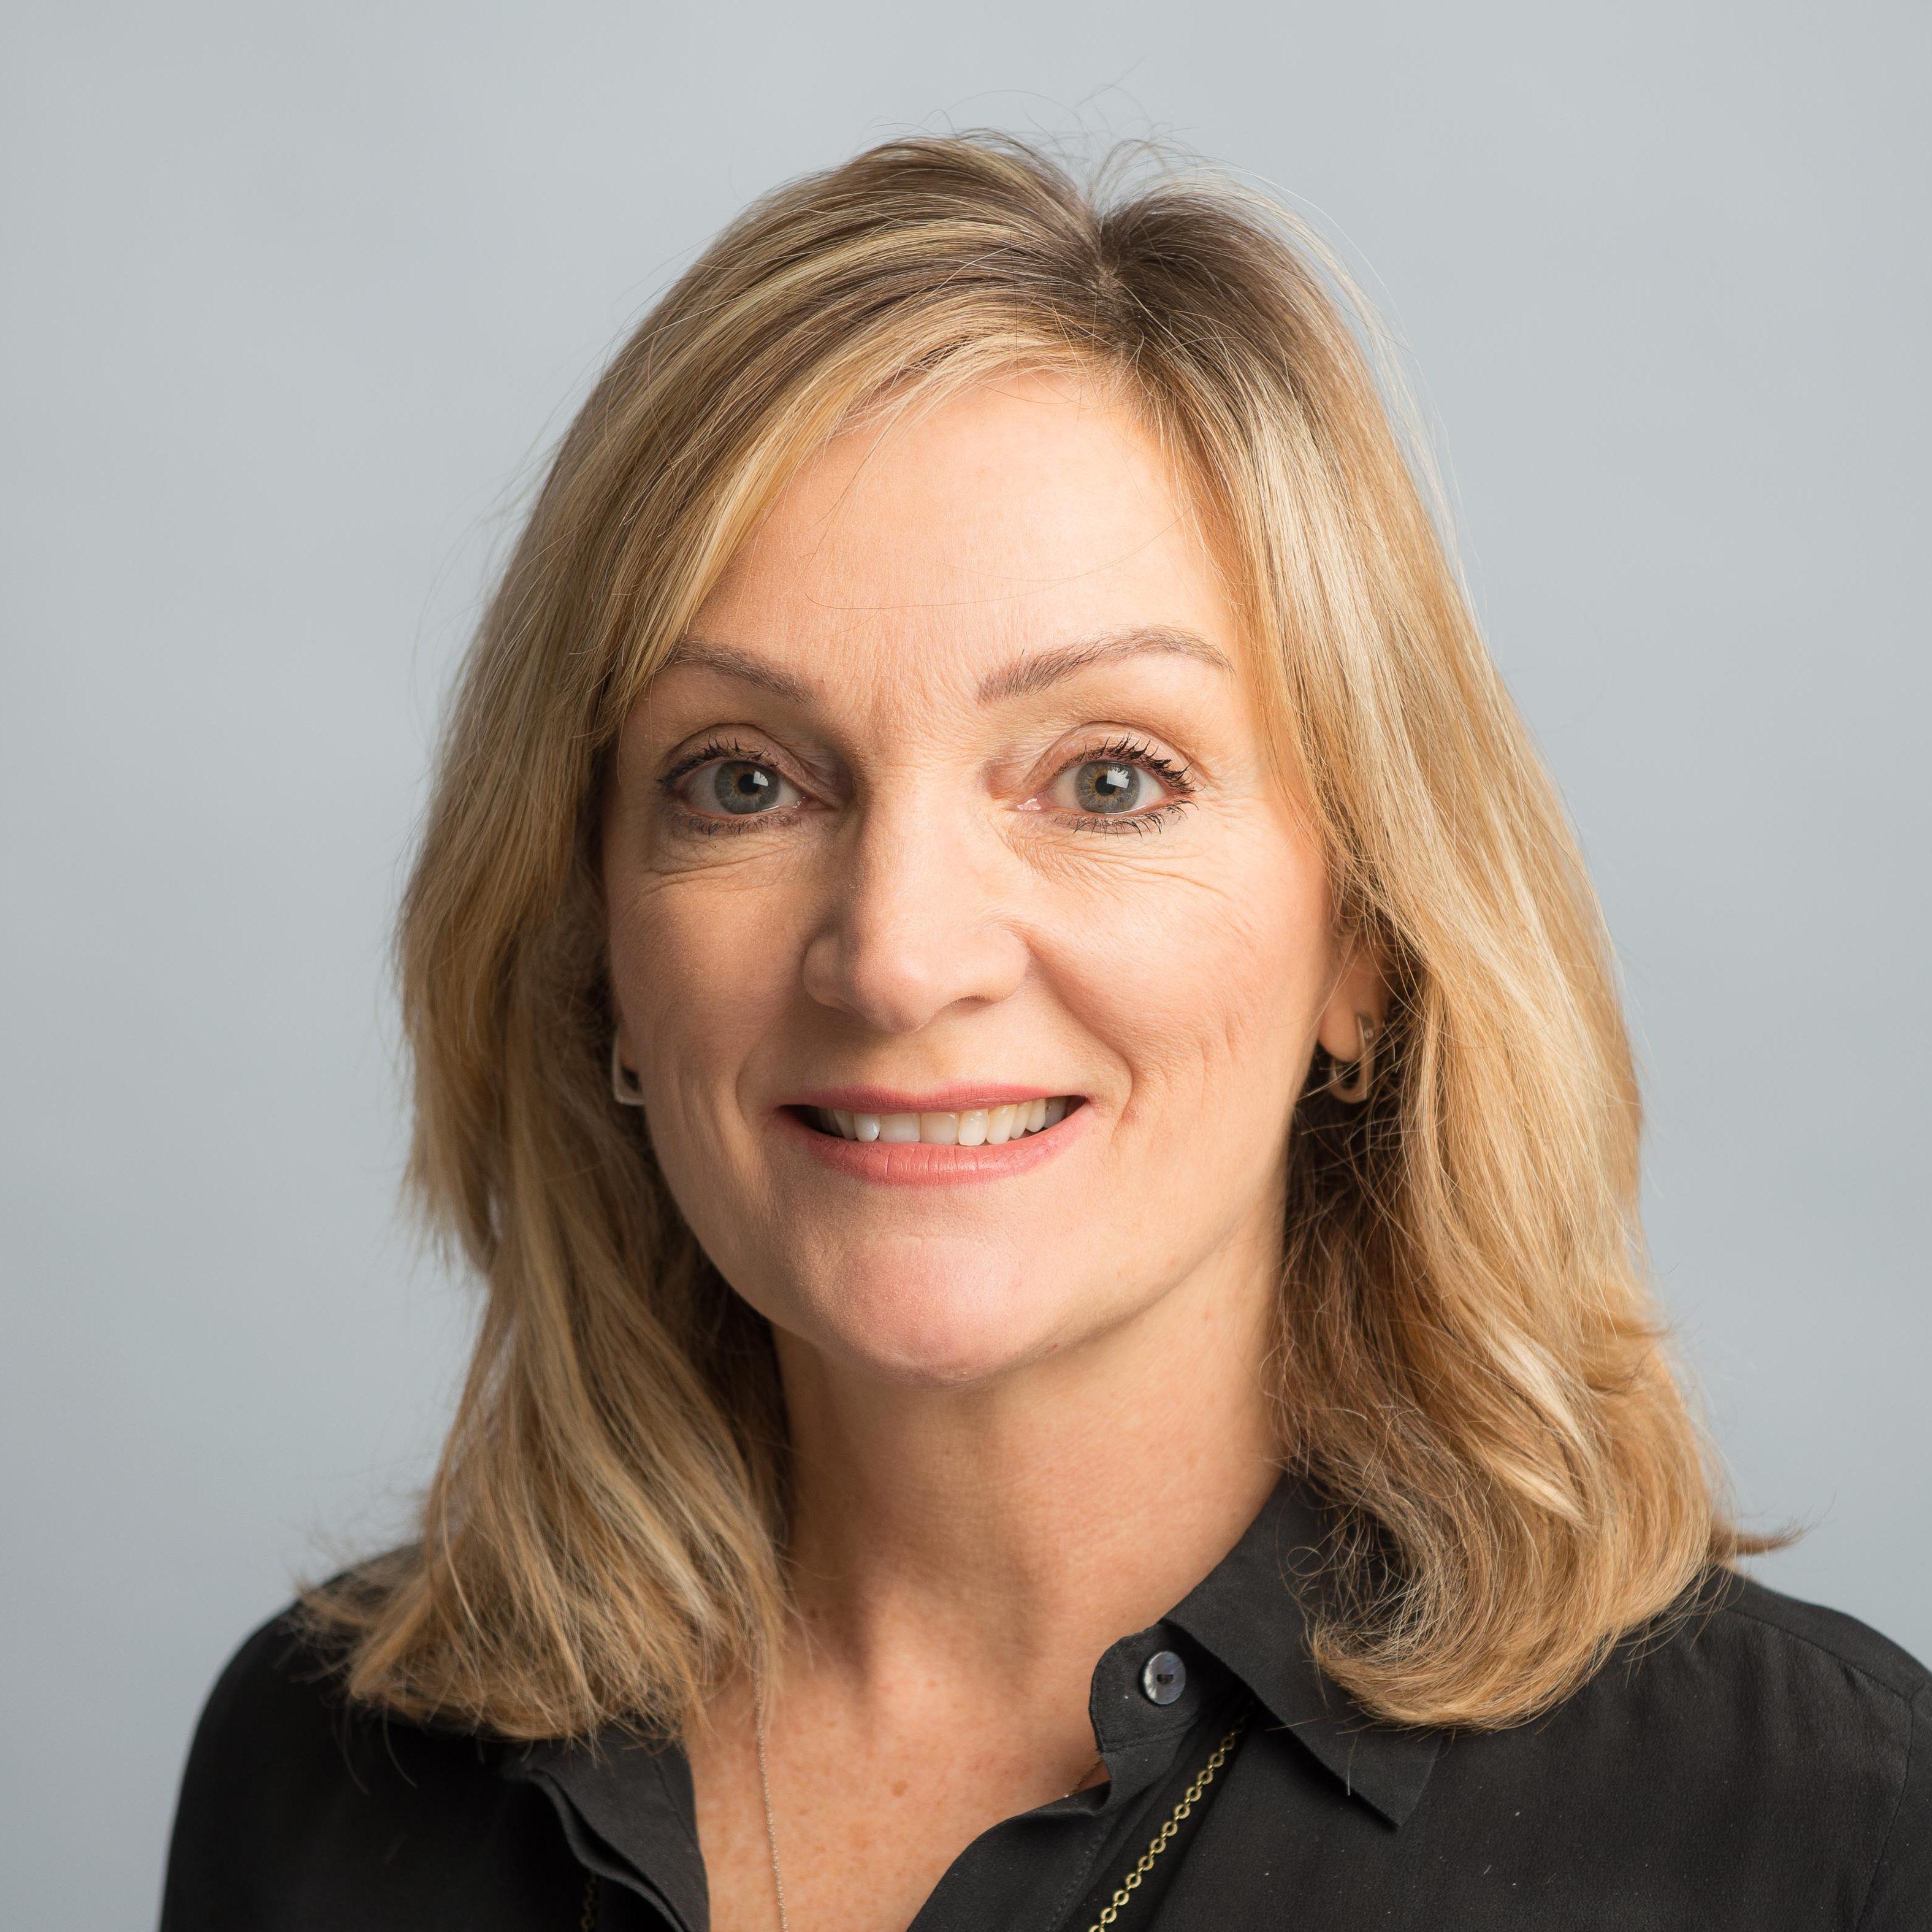 Susan Ankenman